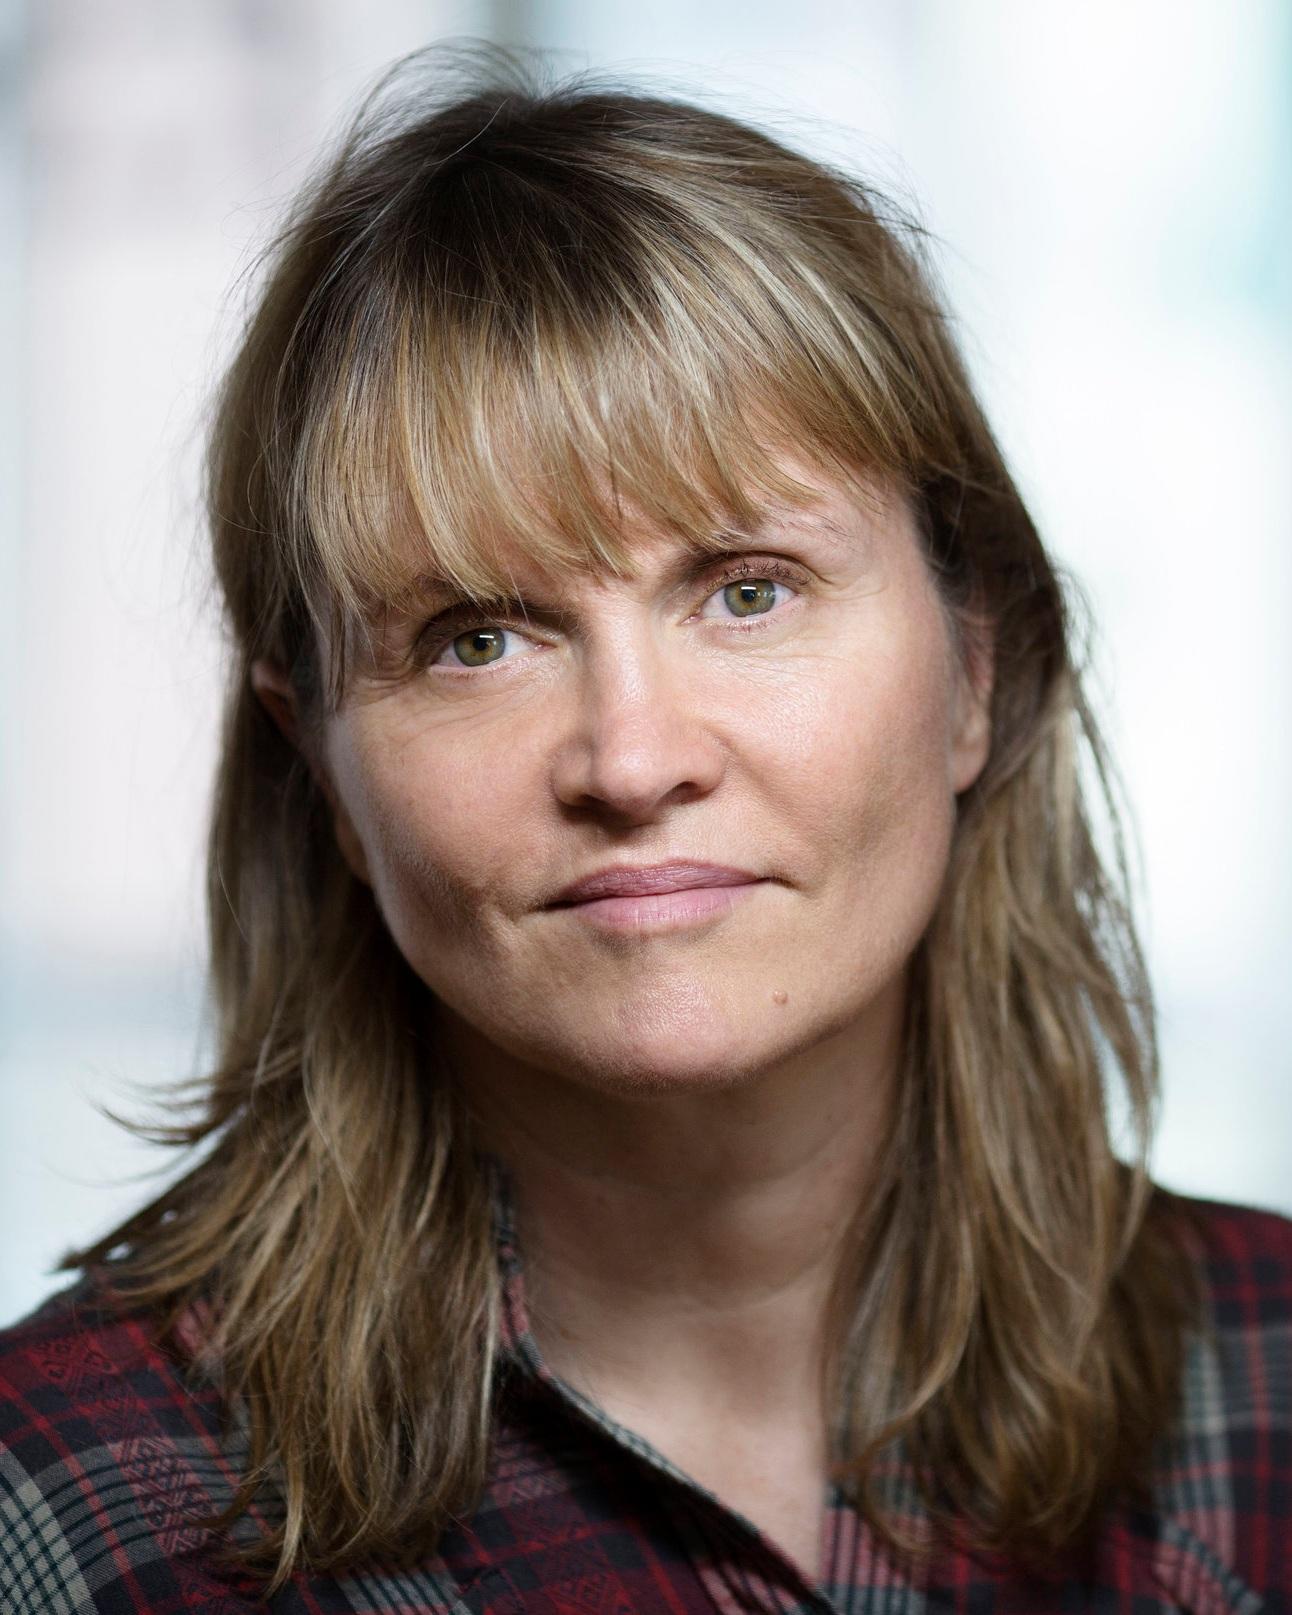 Nina Lykke - Nina Lykke wurde 1965 geboren. Ihr Debüt Orgien, og andre fortellinger (2010) war für den norwegischen Jugendkritikerpreis nominiert. Ihren Durchbruch hatte Lykke mit ihrem RomanAufruhr in mittleren Jahren(2016), der in Norwegen eines der am meisten besprochenen Bücher des Jahres war, den norwegischen Jugendkritikerpreis gewann und in Norwegens größtem Bücherklub zum Buch des Monats gekürt wurde.Bild © Jo Michael